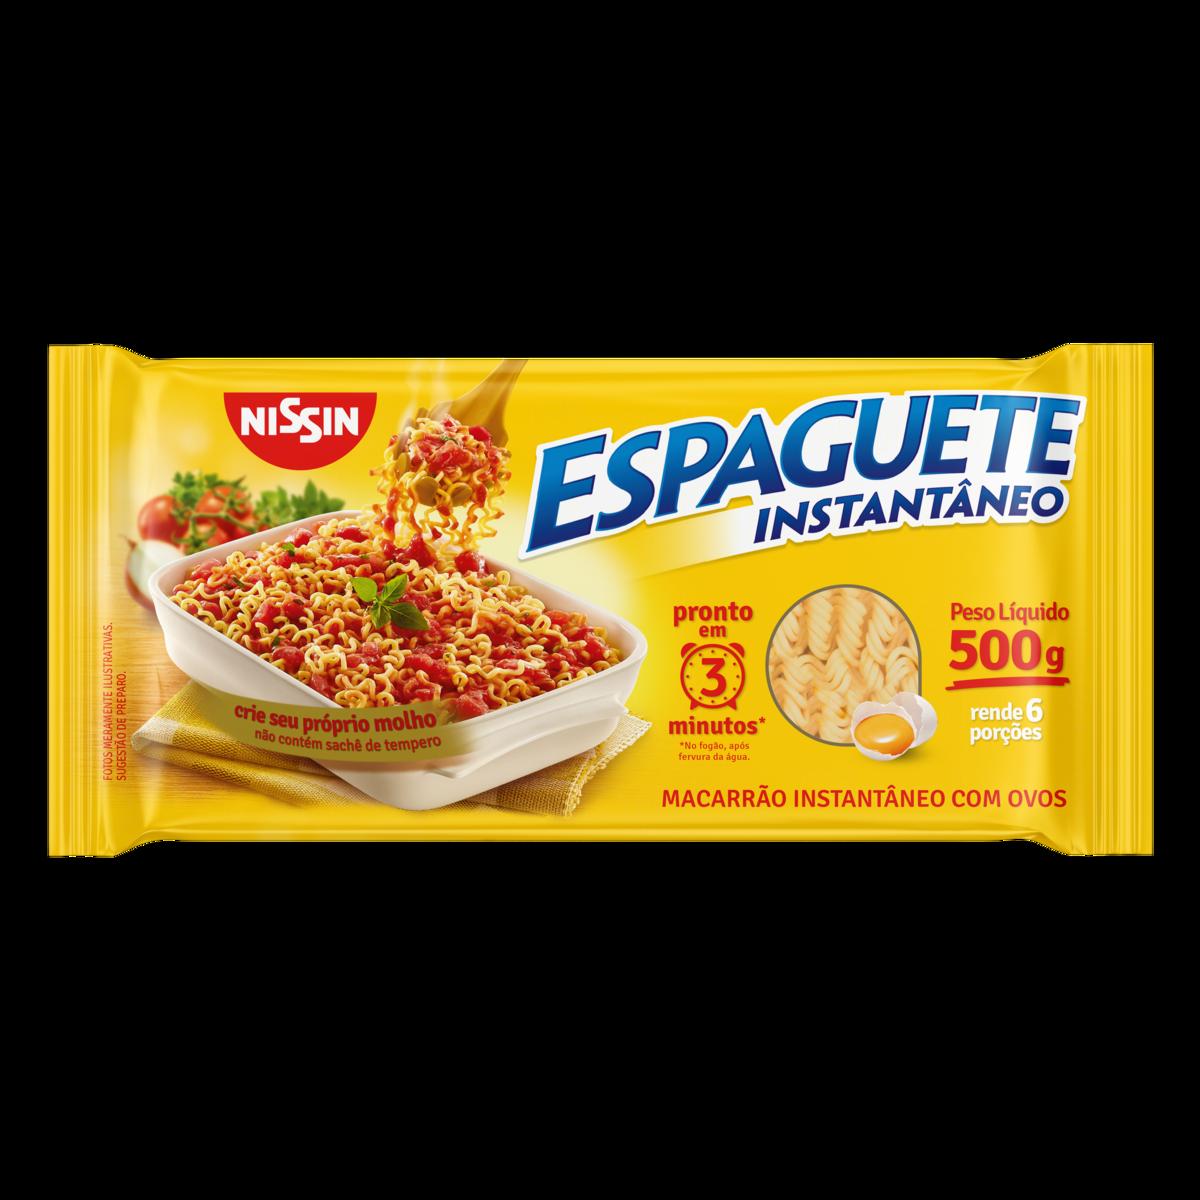 Macarrão Instantâneo Espaguete 3 Minutos 500g Nissin pacote UN